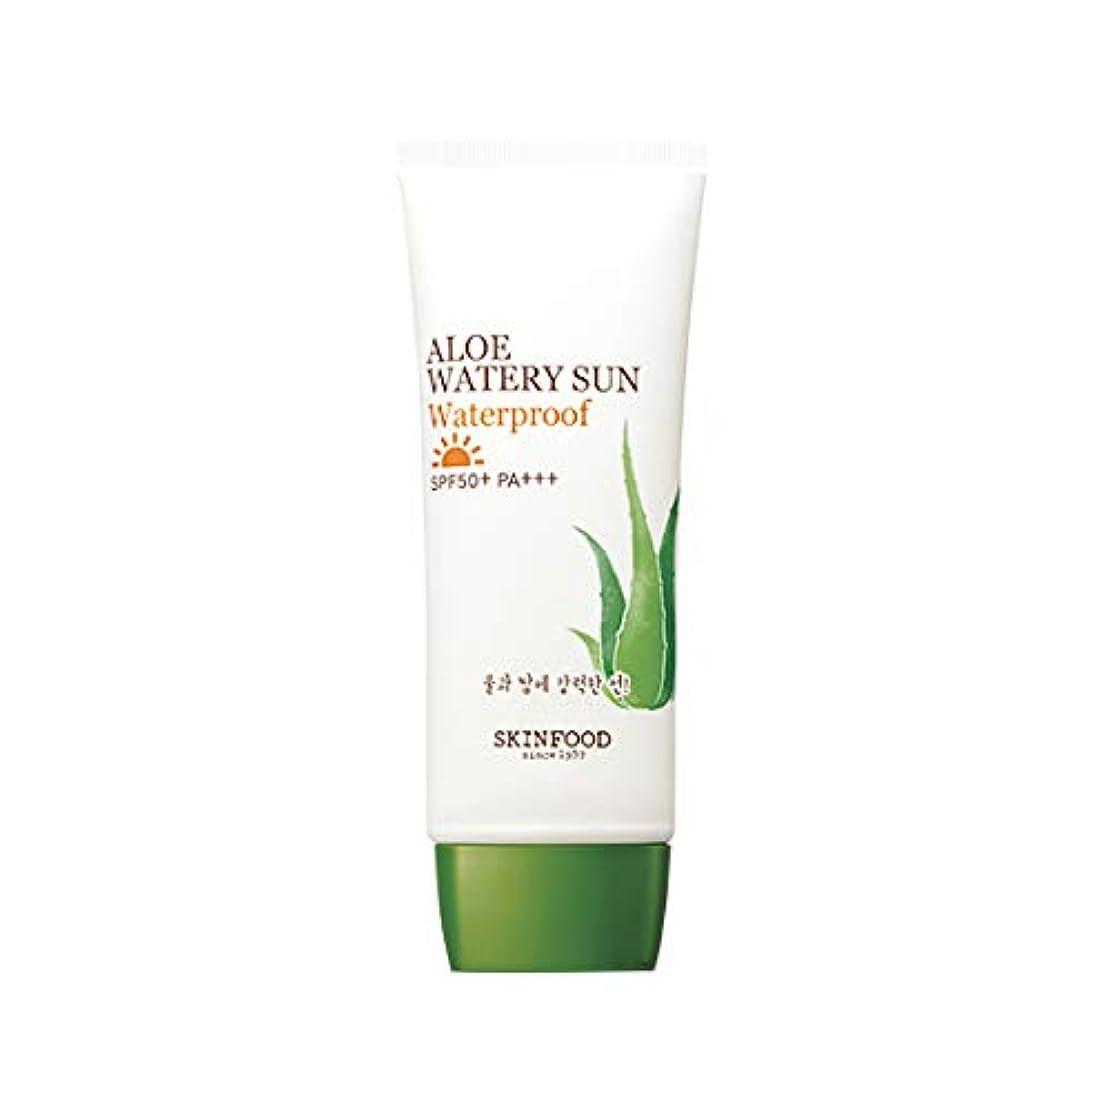 寛大さ引き潮裁定Skinfood アロエウォーターサンプルーフSPF50 + PA +++ / Aloe Watery Sun Waterproof SPF50+ PA+++ 50ml [並行輸入品]